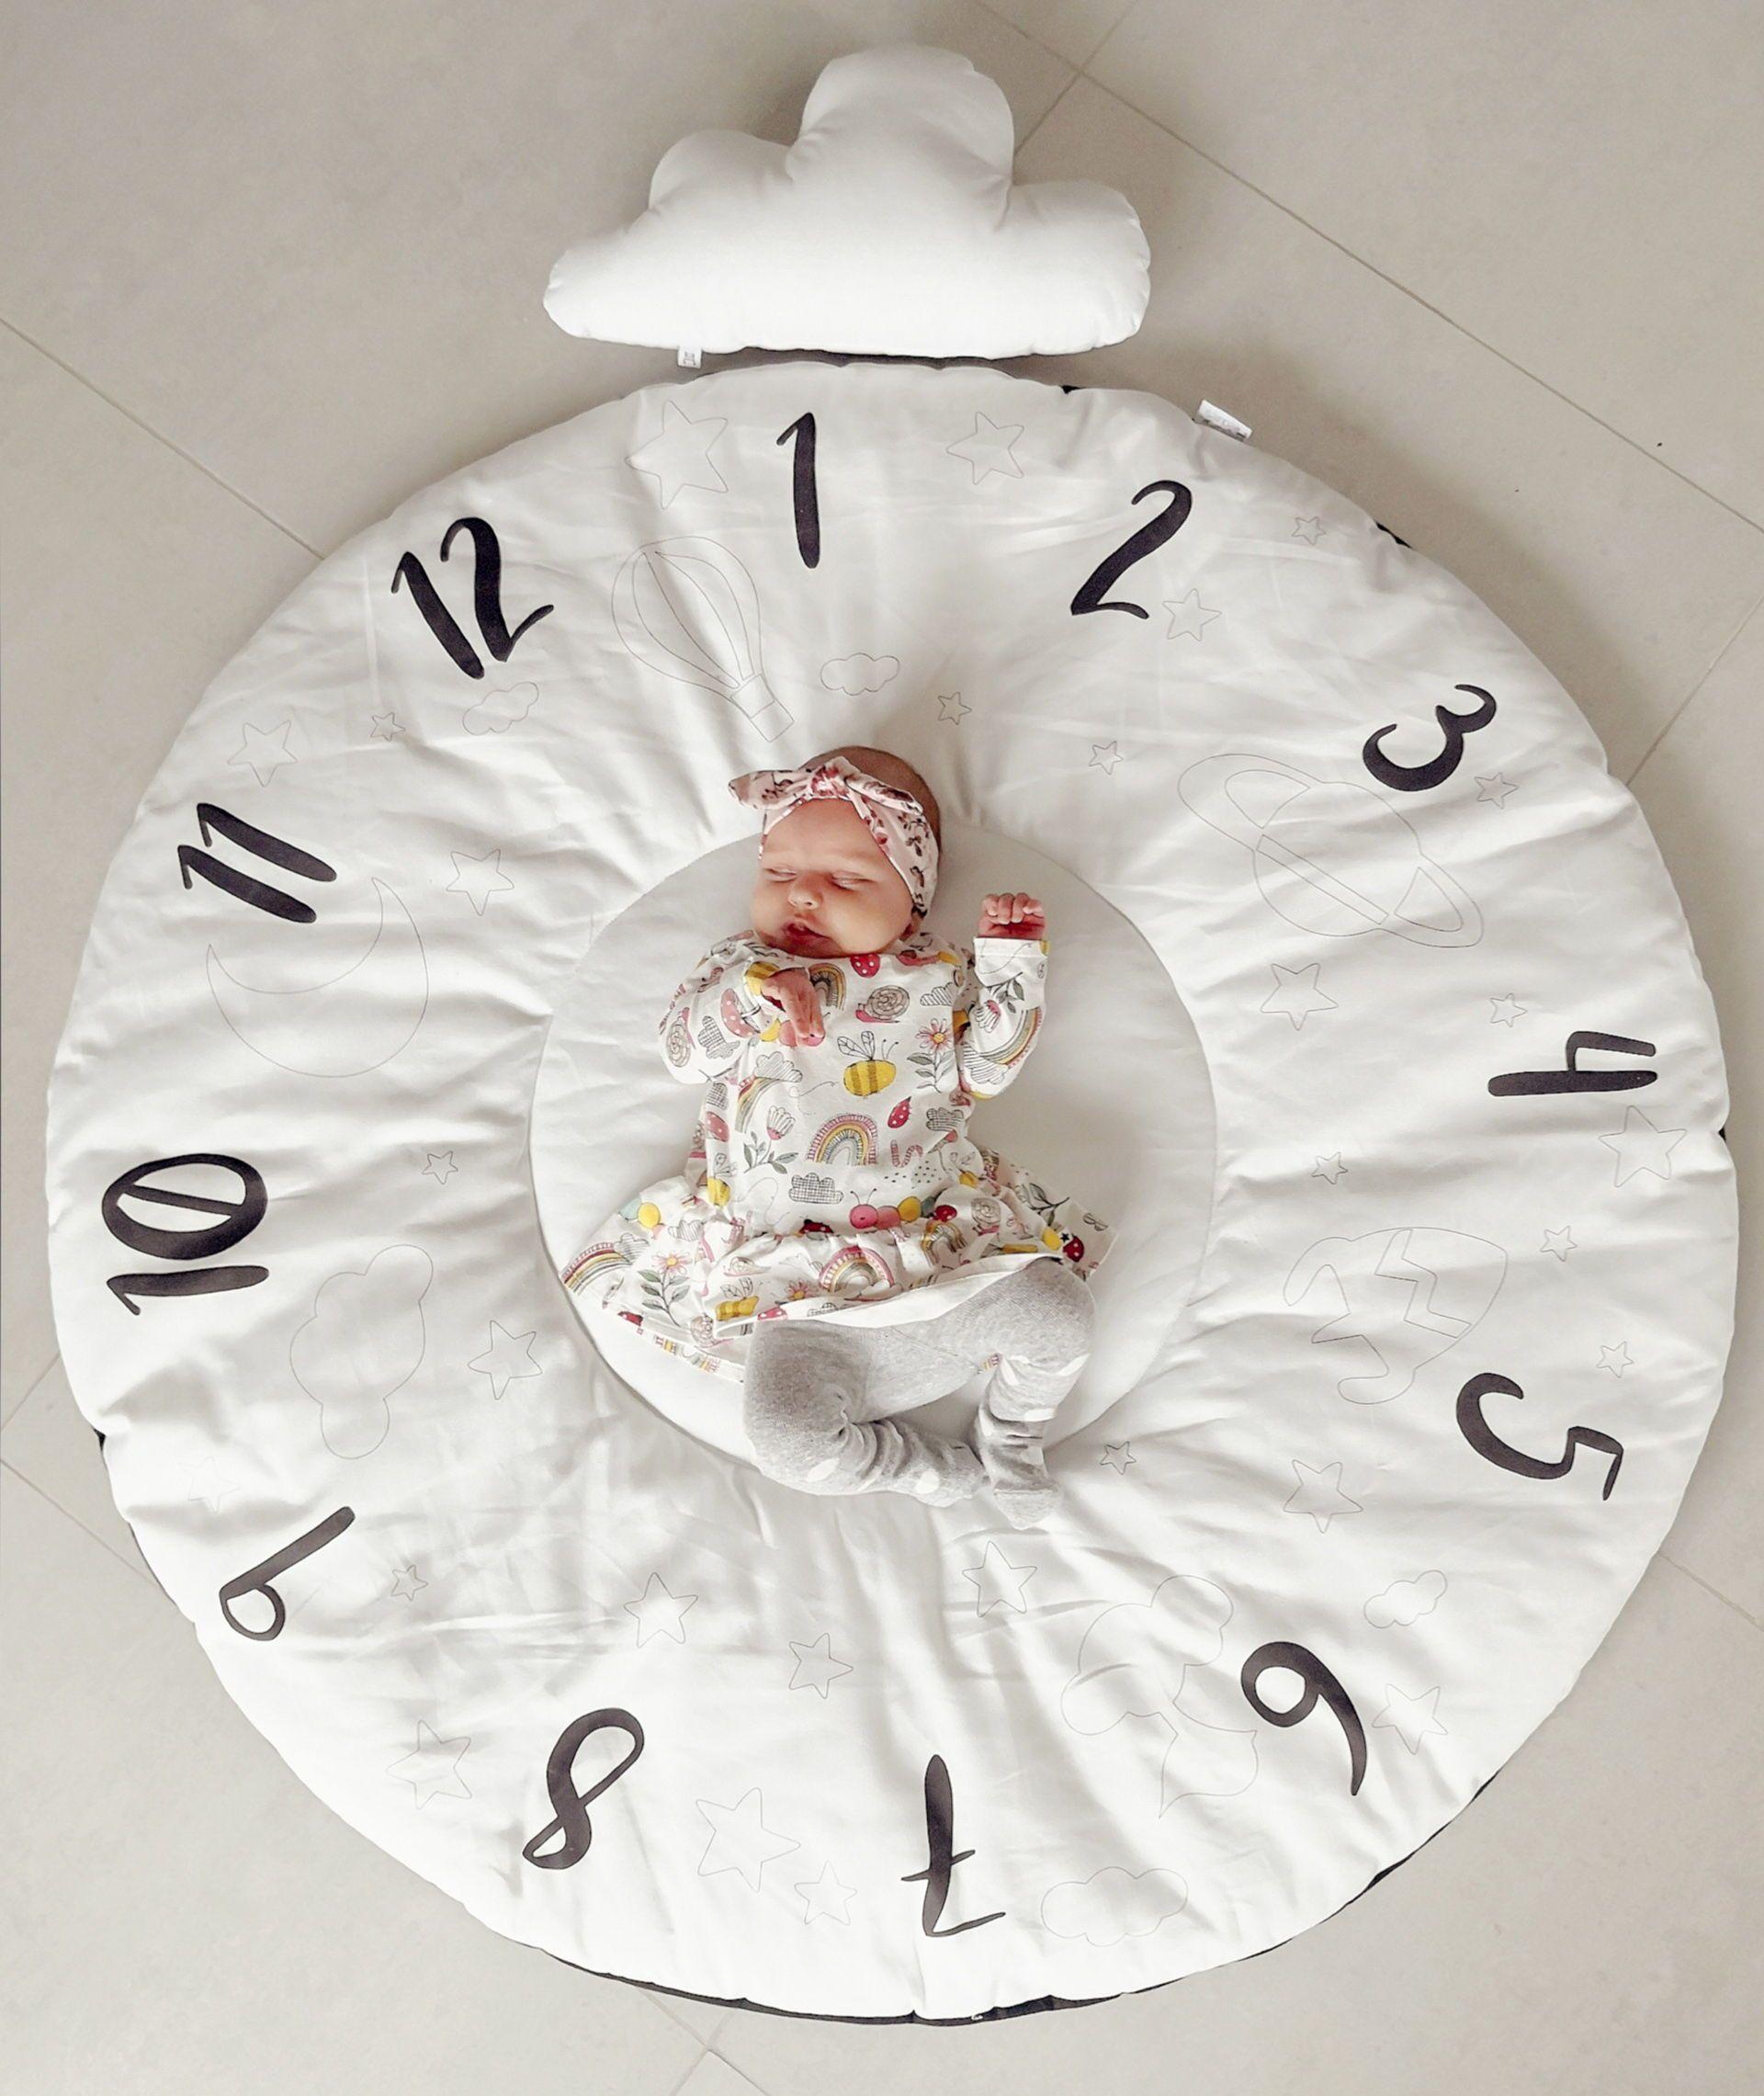 Round Milestone Play Mat Baby Gym